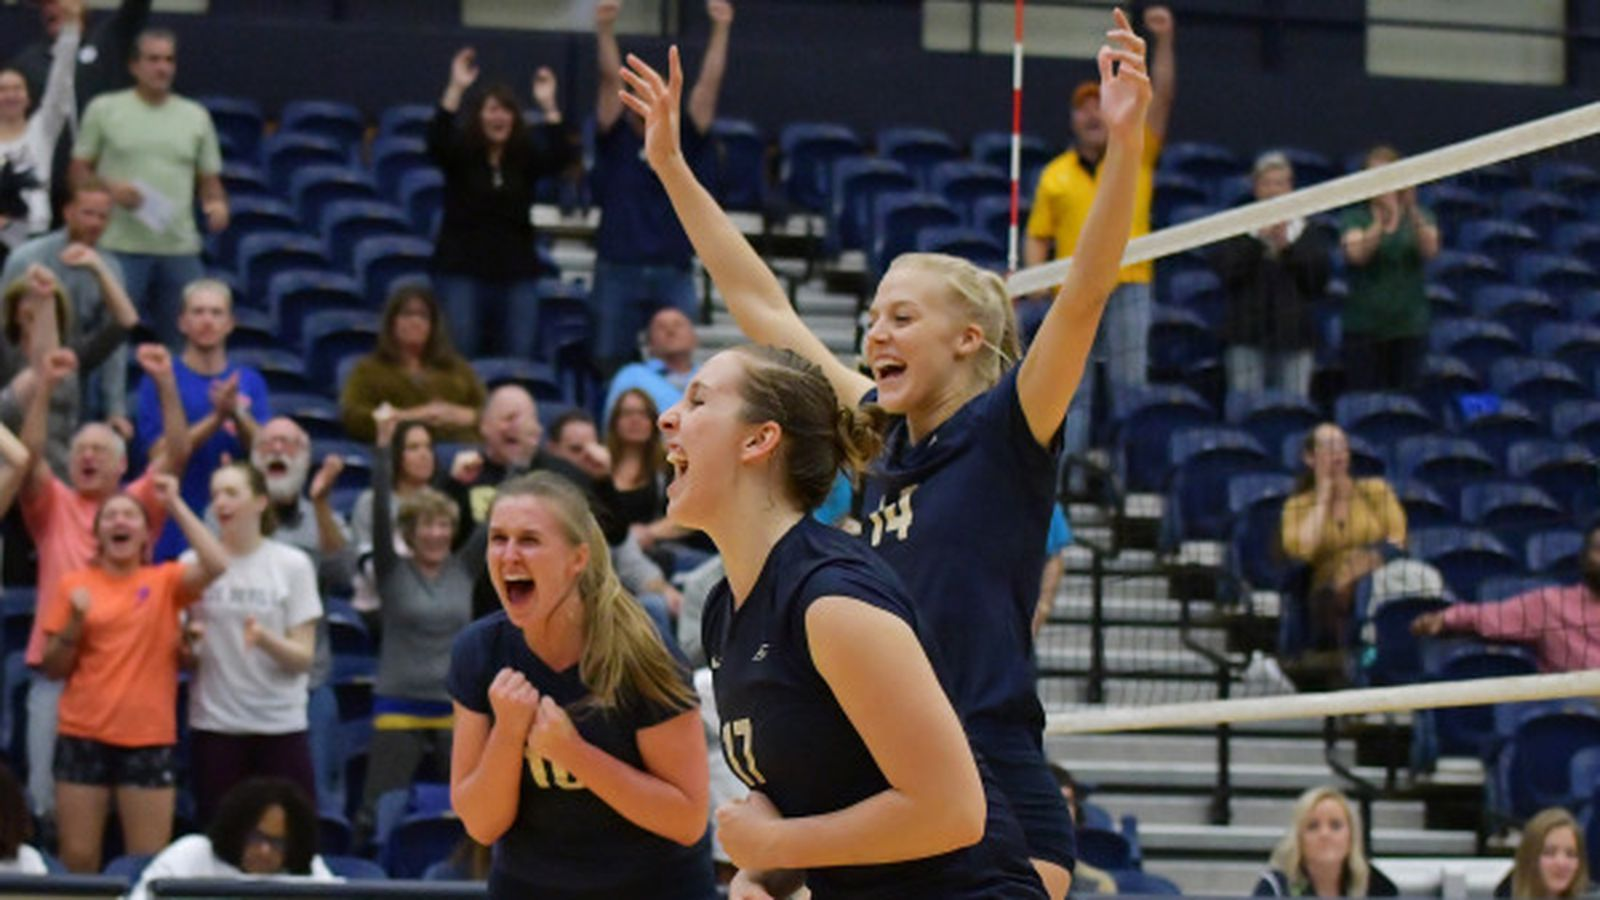 Pitt volleyball defeats No. 23 Dayton, advances in NCAA Tournament - Cardiac Hill